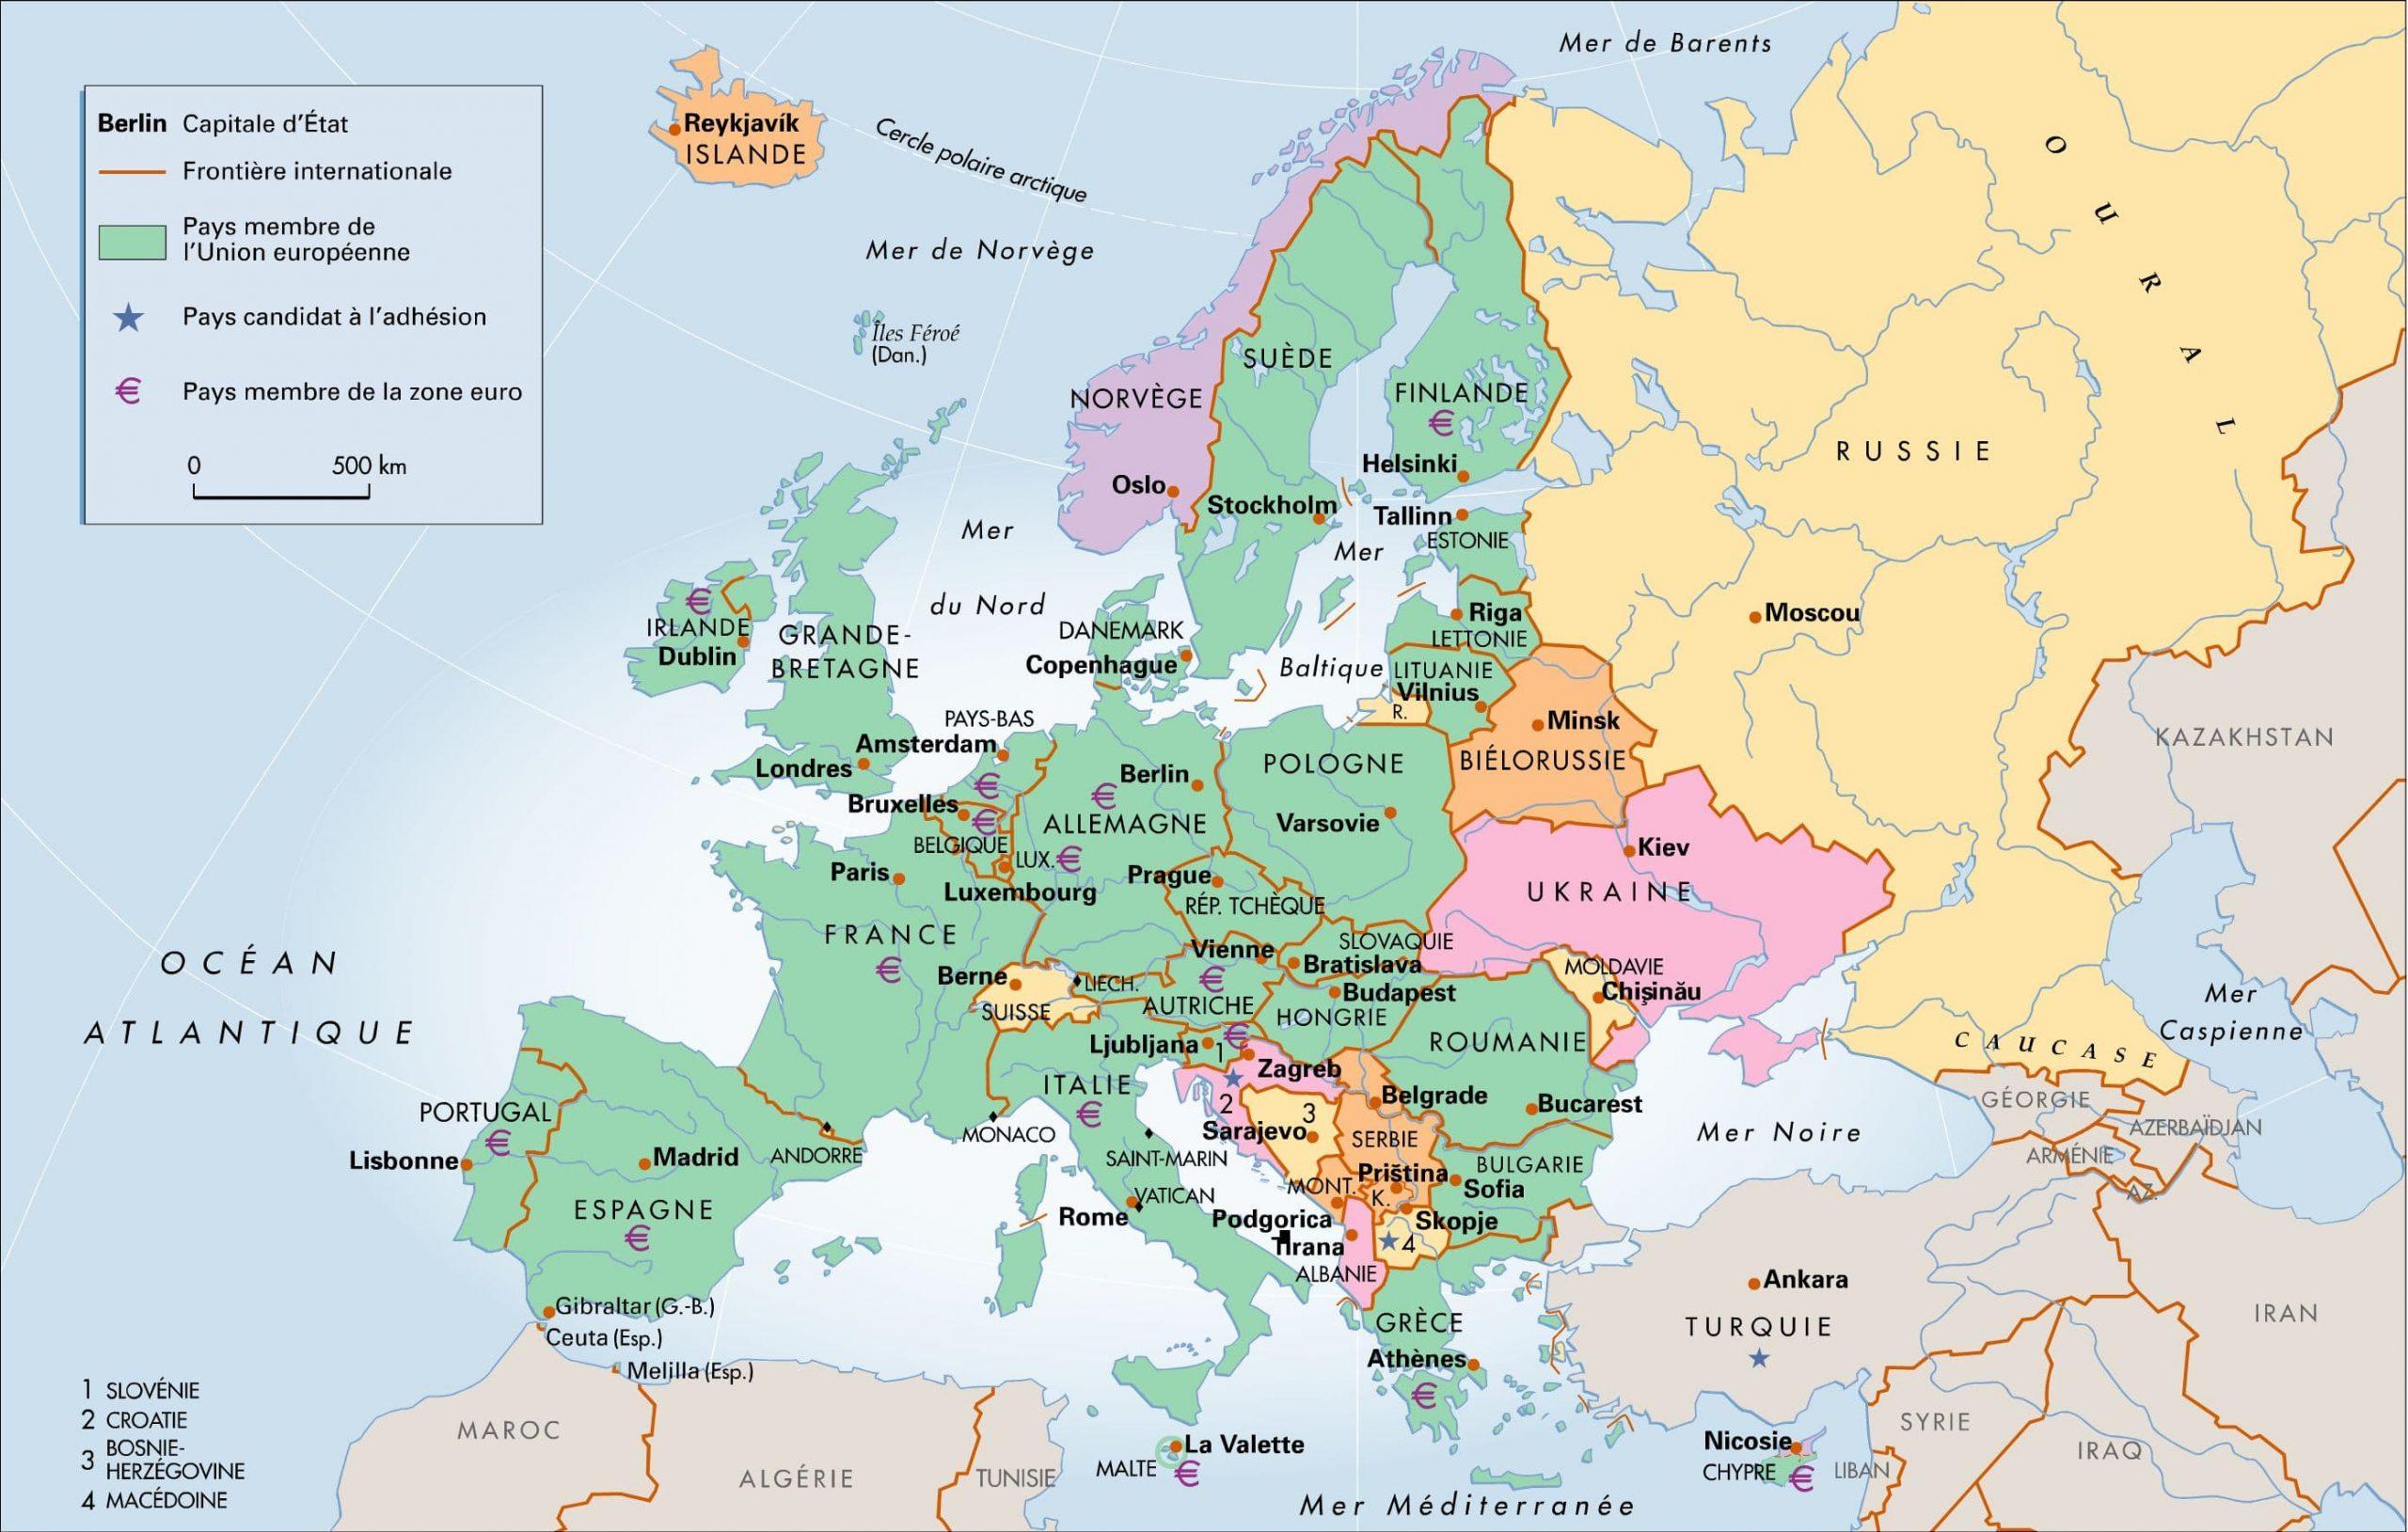 Encyclopédie Larousse En Ligne - Europe Et Union Européenne destiné Capital De L Union Européenne